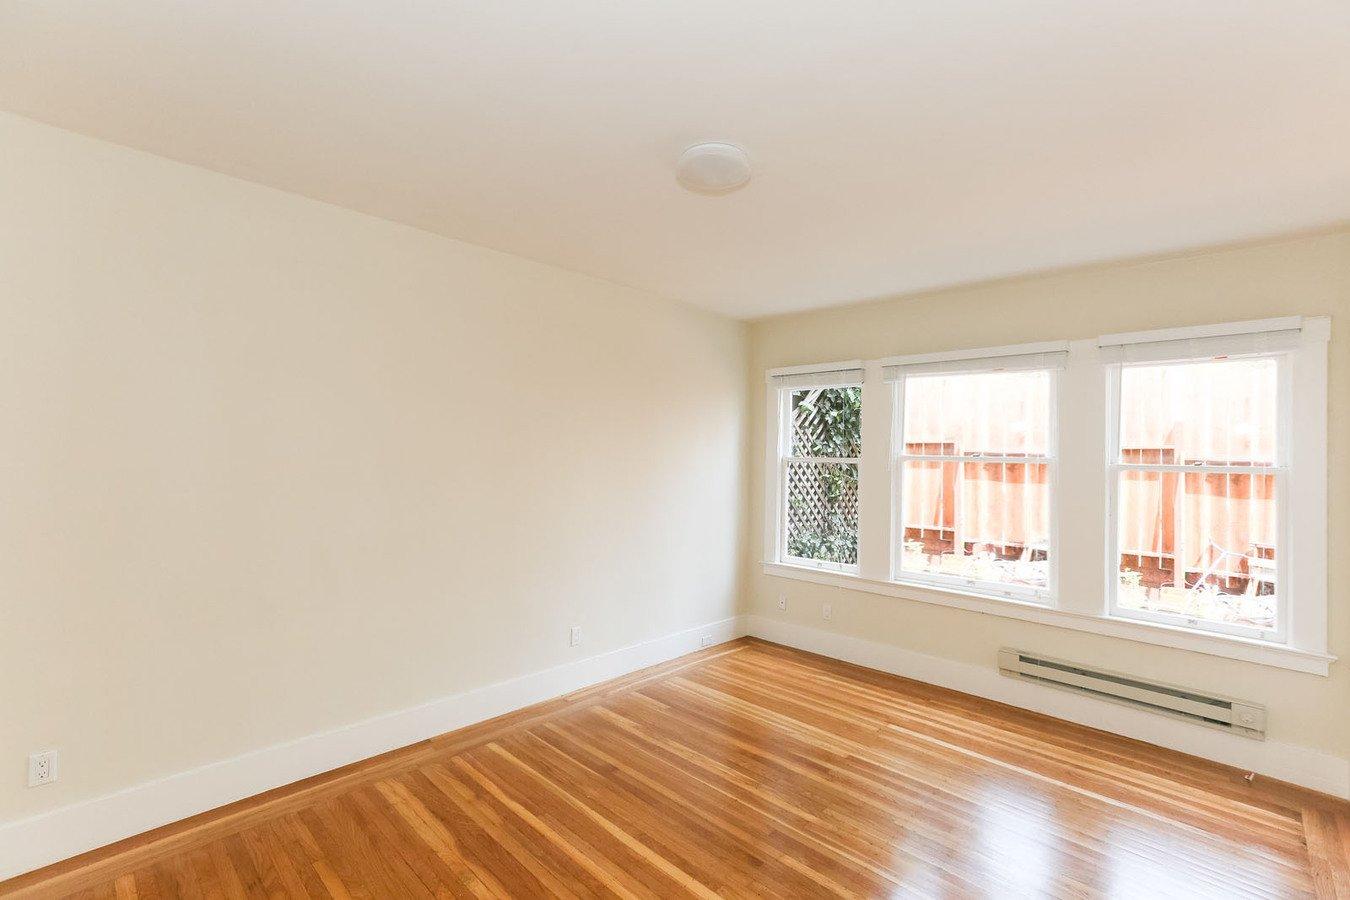 1 Bedroom 1 Bathroom Apartment for rent at 520 Scott Apartments in San Francisco, CA